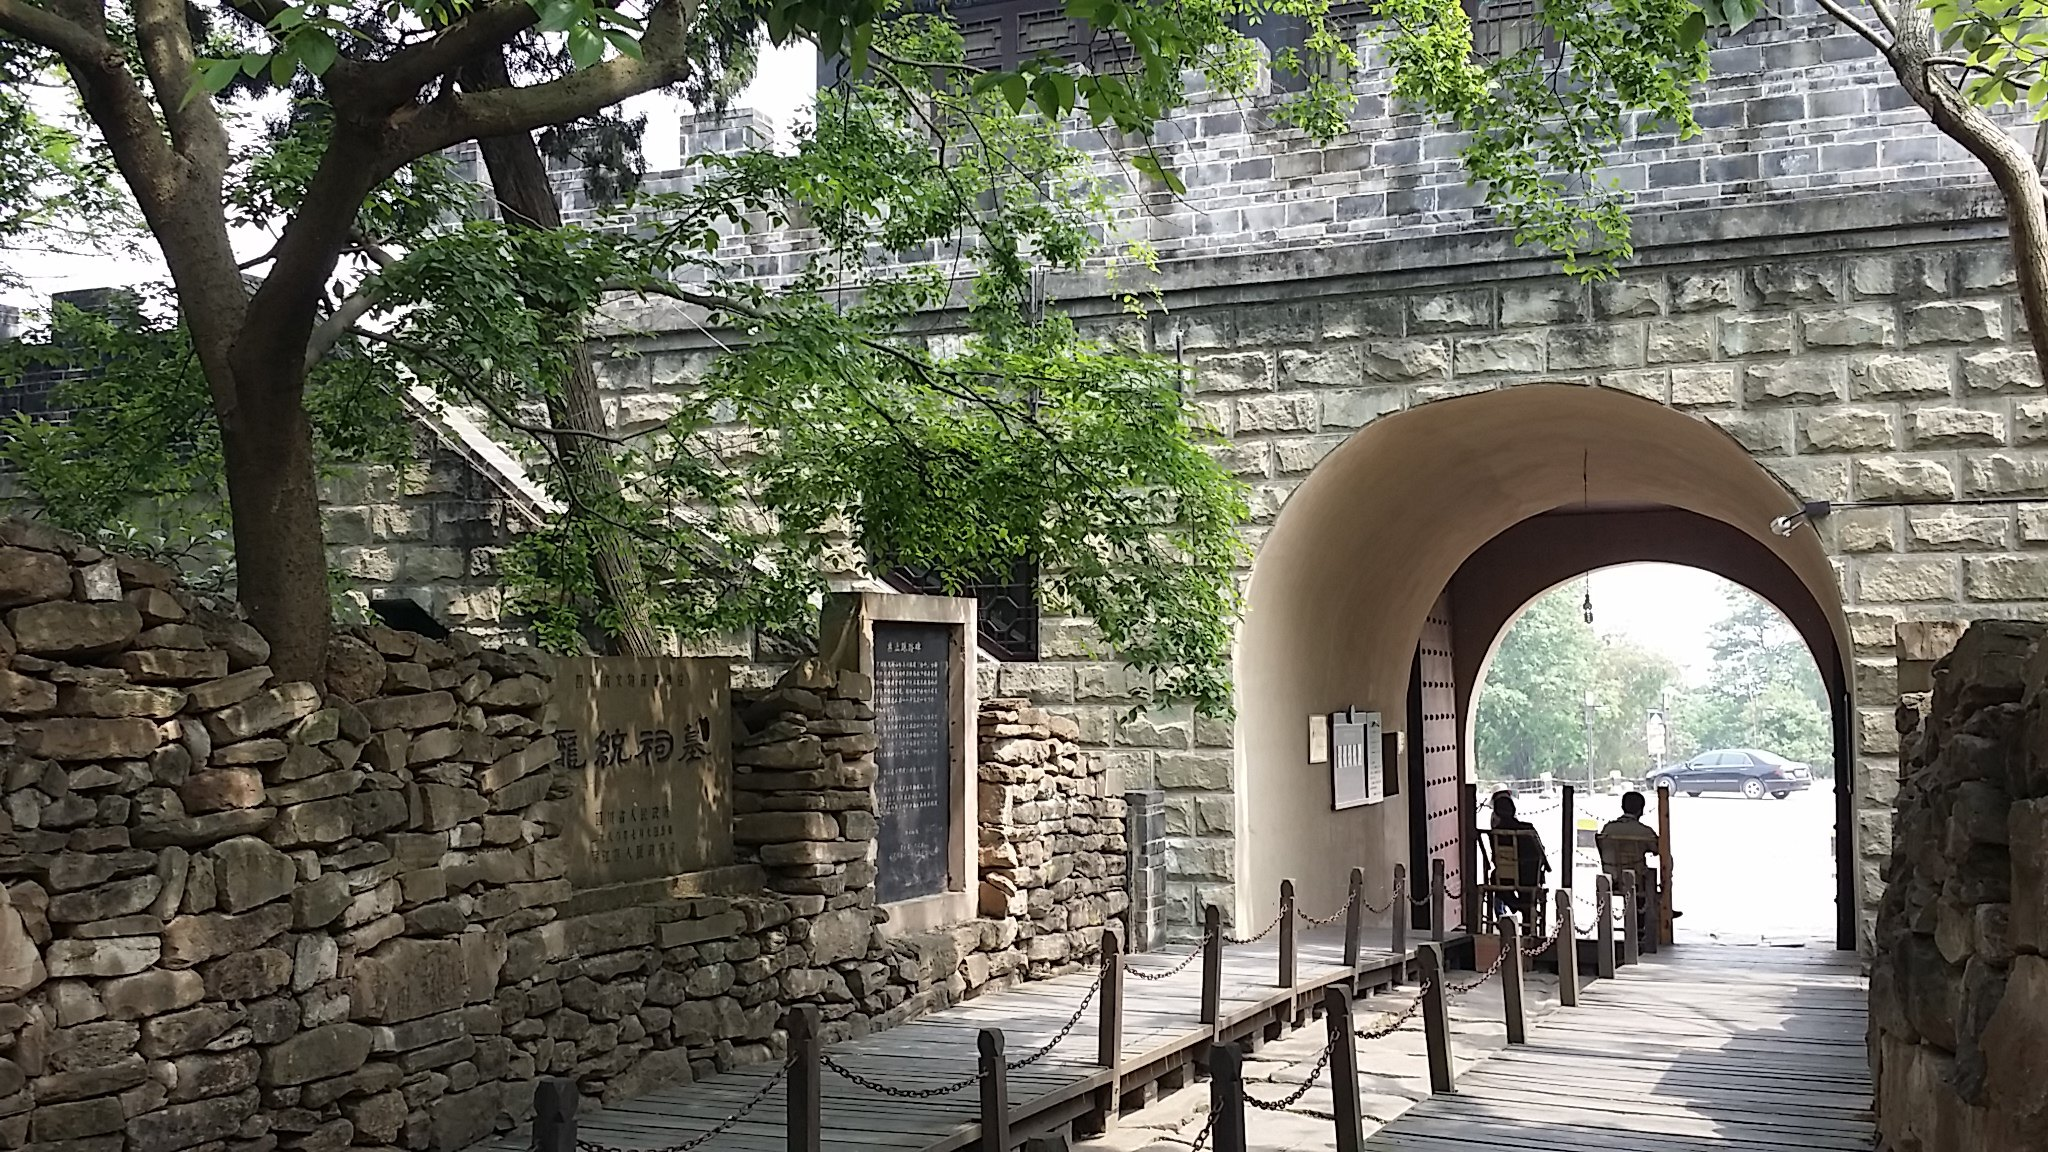 四川剑门蜀道风景名胜区12日游记下篇---绵阳,德阳游